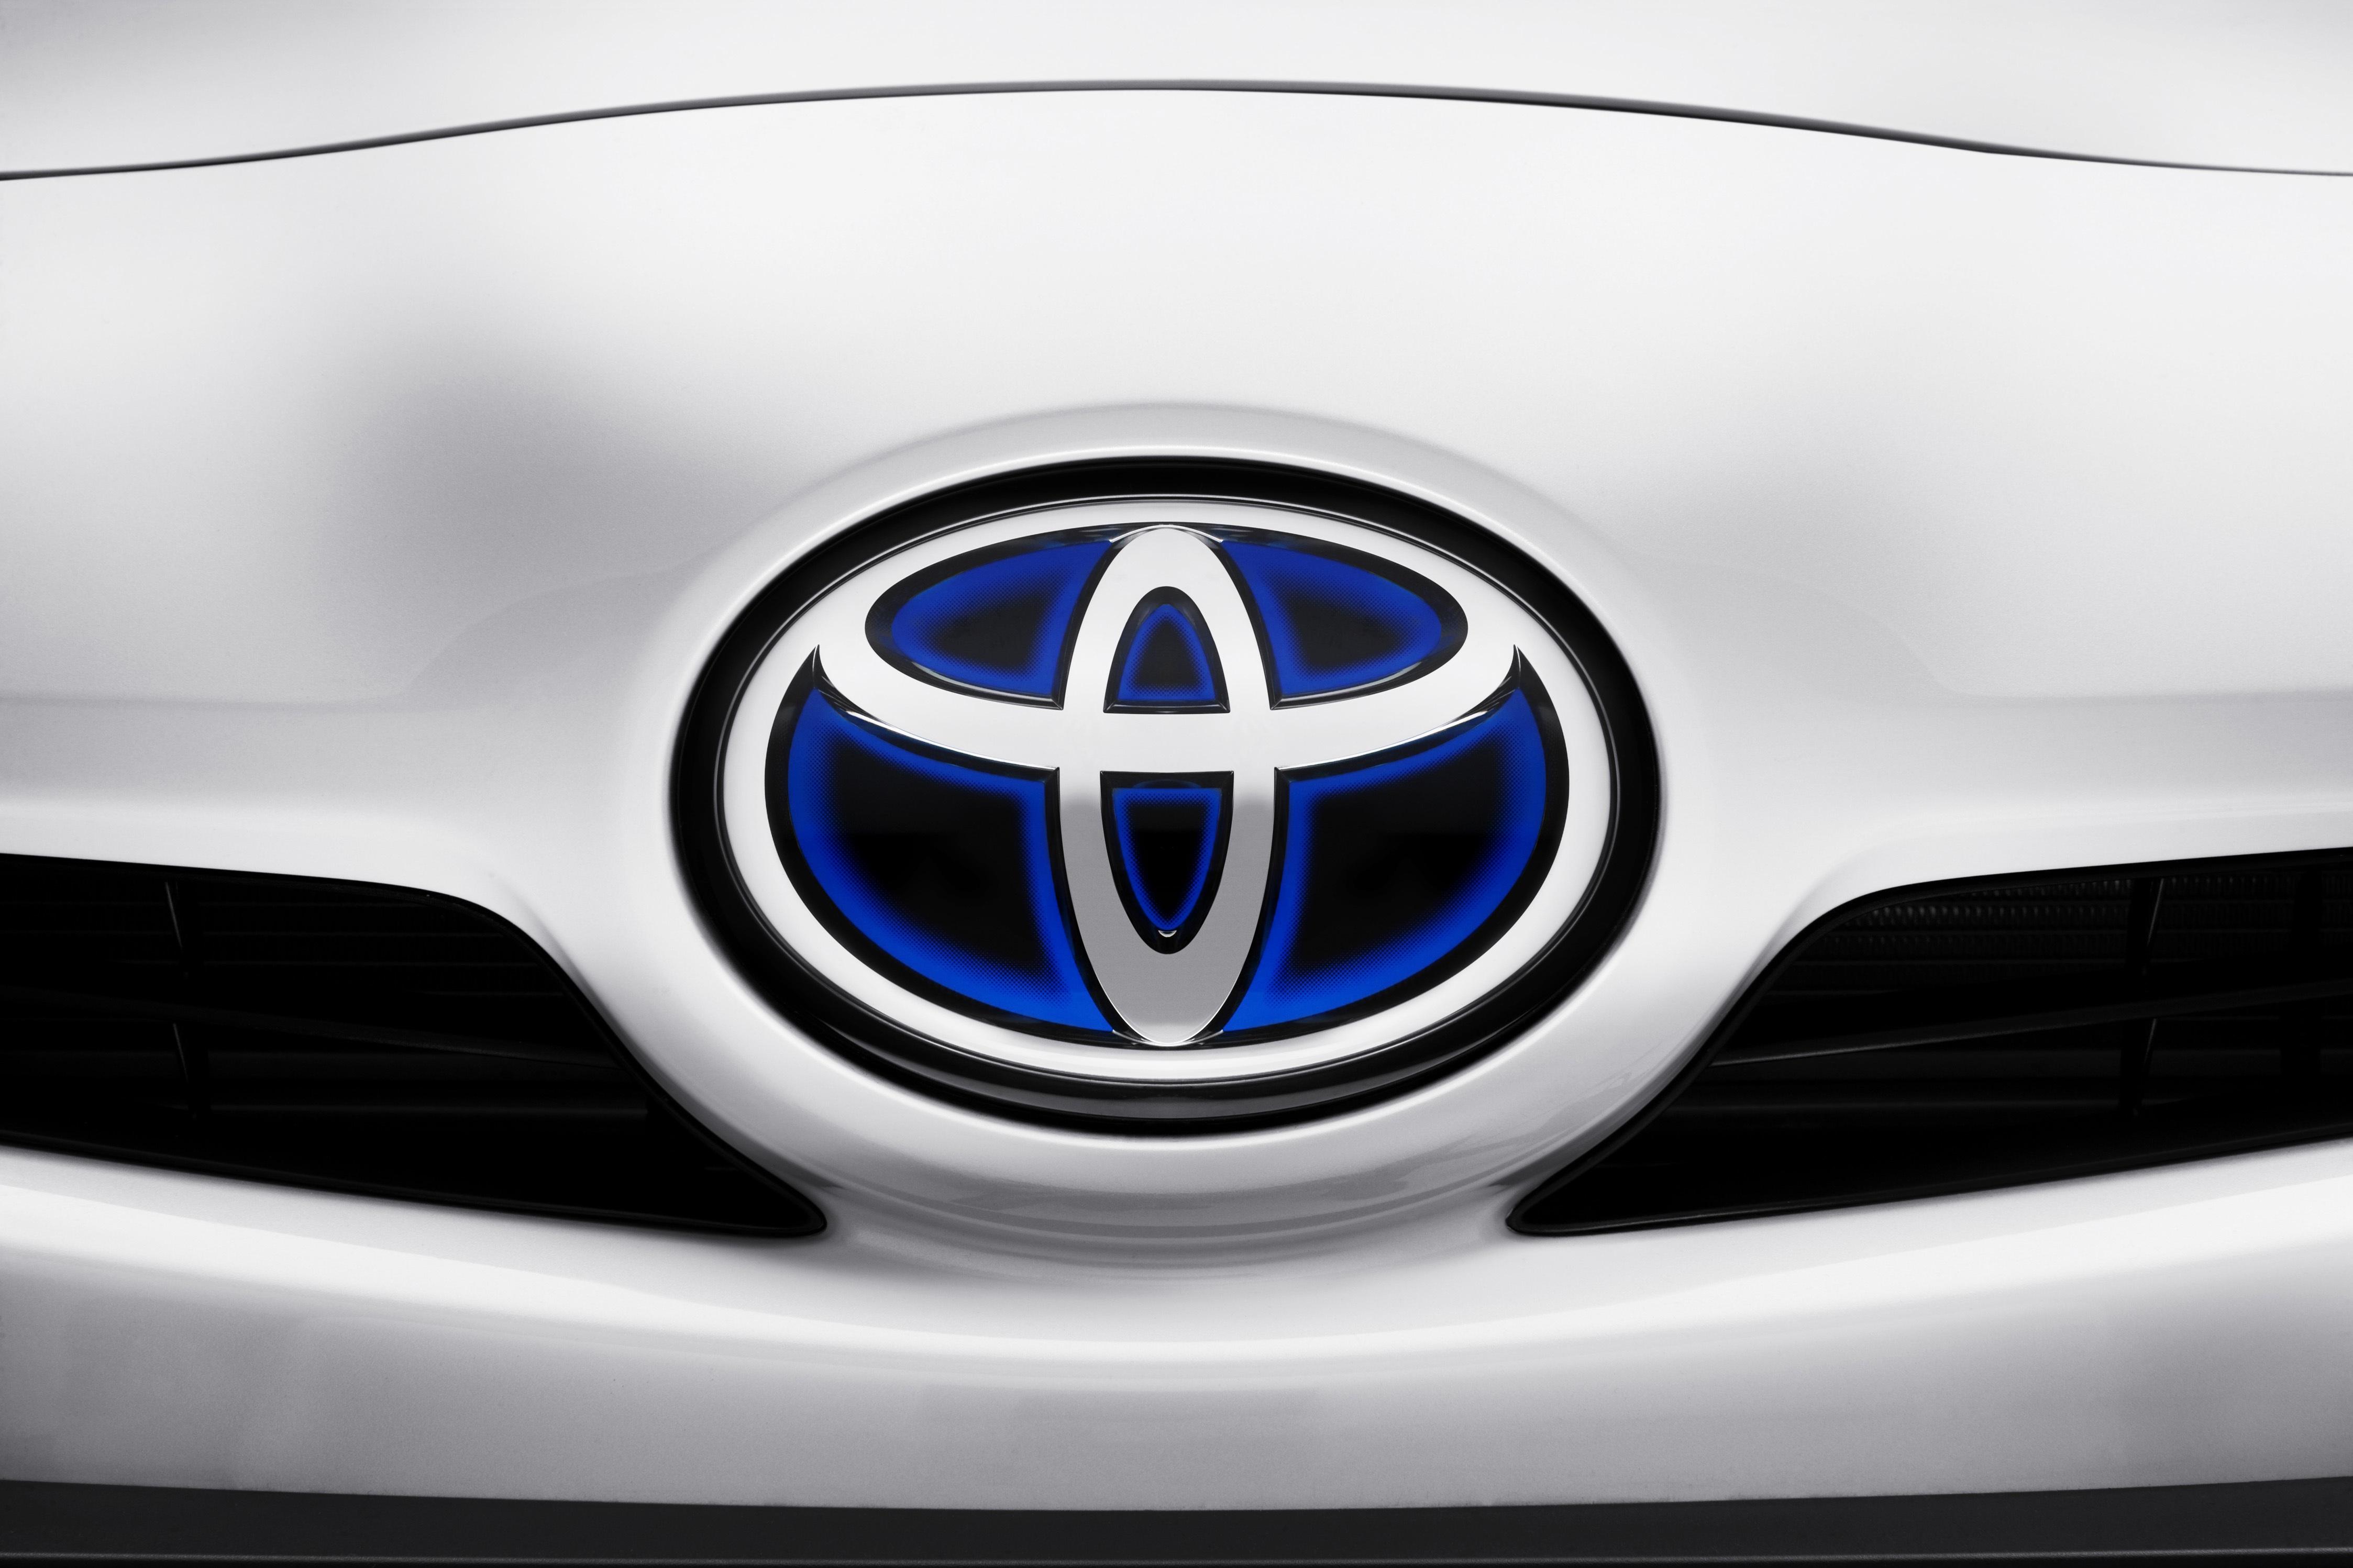 Հայտնի լոգոներ, որոնք ունեն թաքնված իմաստ.Toyota